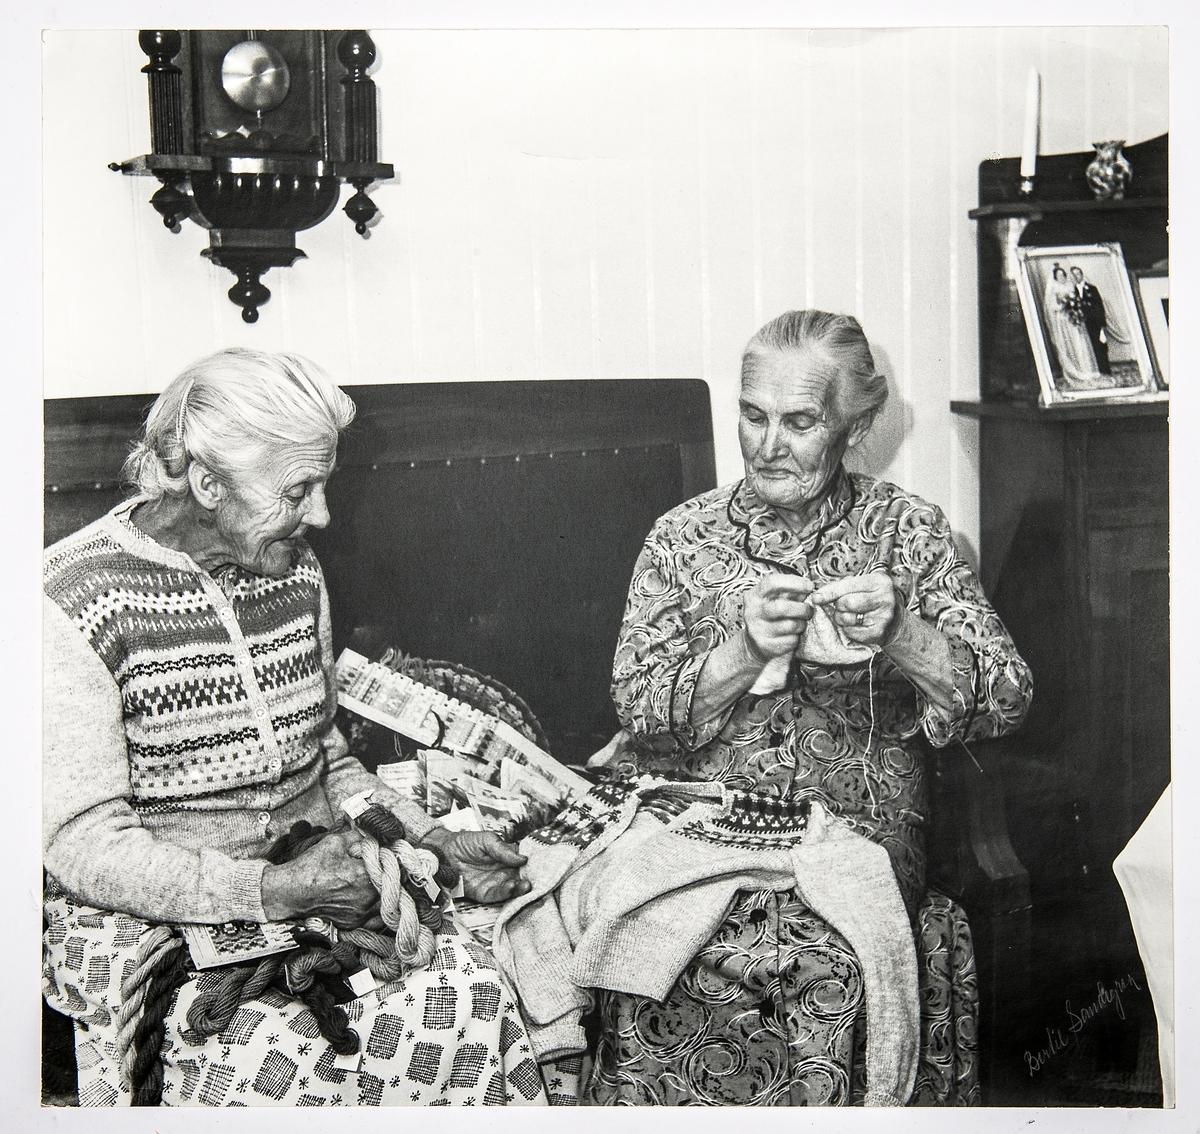 Alma Olsson och Maria Johansson sitter bredvid varandra i en soffa i Marias finrum. Alma har en kofta från Bohus Stickning, Blå Randen - formgivare Anna-Lisa Mannheimer Lunn - och Maria stickar på en kofta till samma företag. Mellan sig har de garner och mönsterdiagram till olika mönster som ingick i Bohus Sticknings kollektioner. Båda stickade åt Bohus Stickning, bilden är tagen inför Marias 80-årsdag och publicerades i Strömstads tidning 16 november 1957.